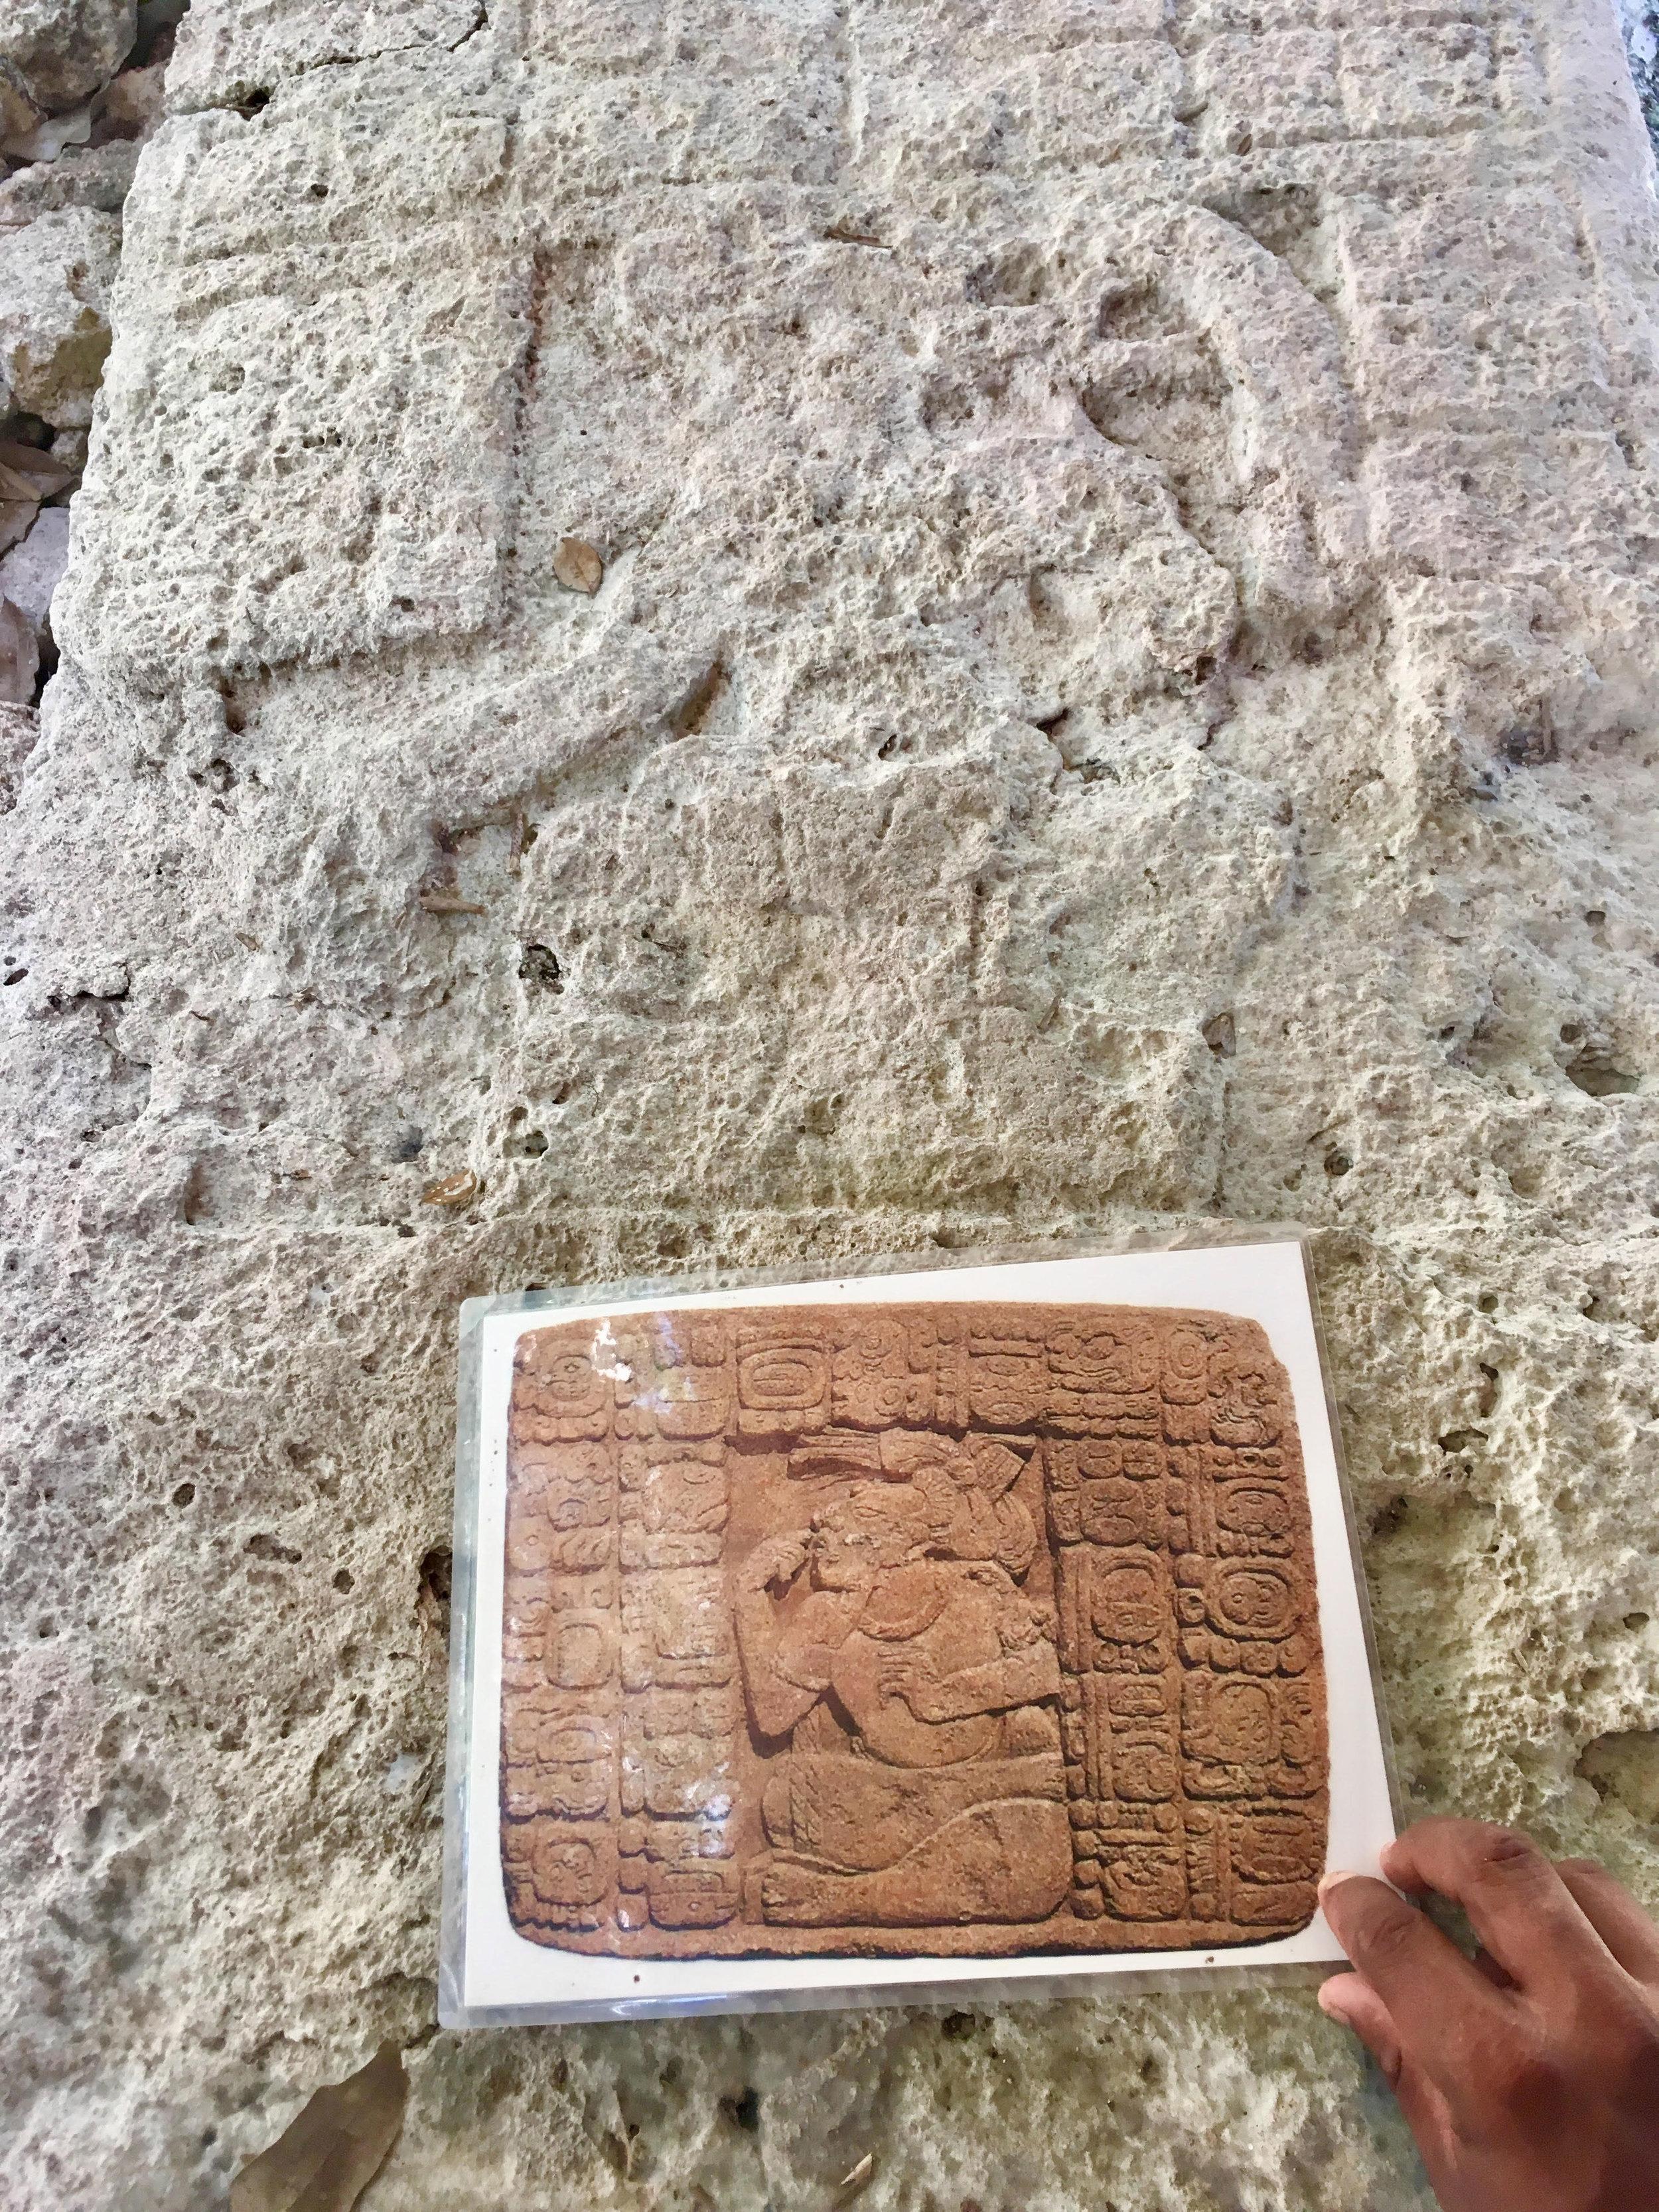 Hammocks_and_Ruins_What_to_Do_Yucatan_Mexico_pyramids_Maya_42.jpg